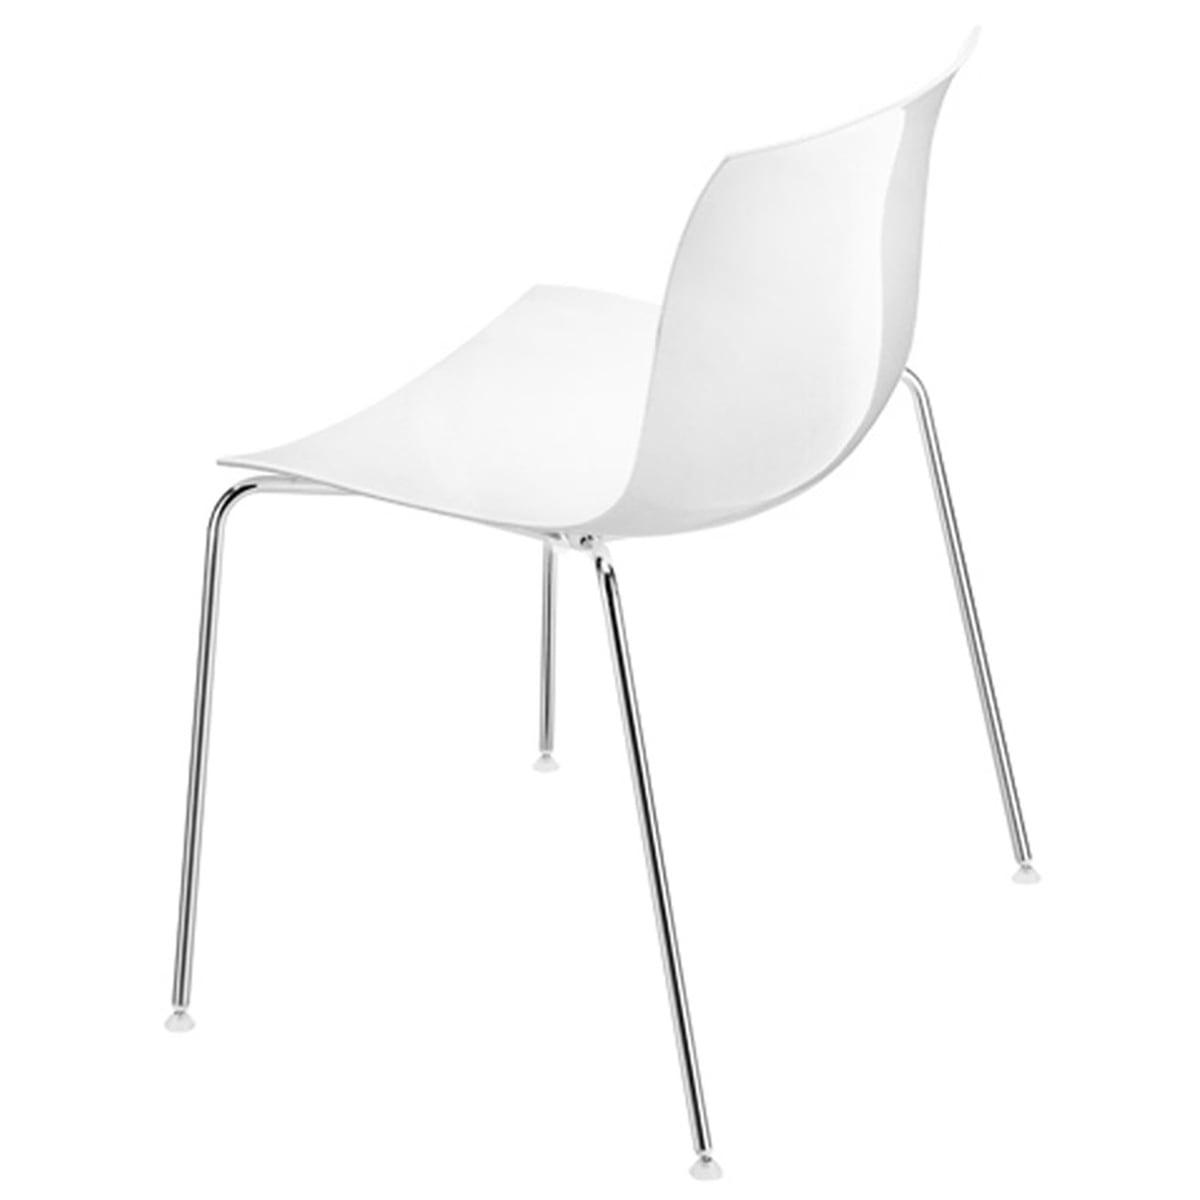 Arper Chaise Catifa 53, assise plastique blanc piétement à quatre pieds chromé